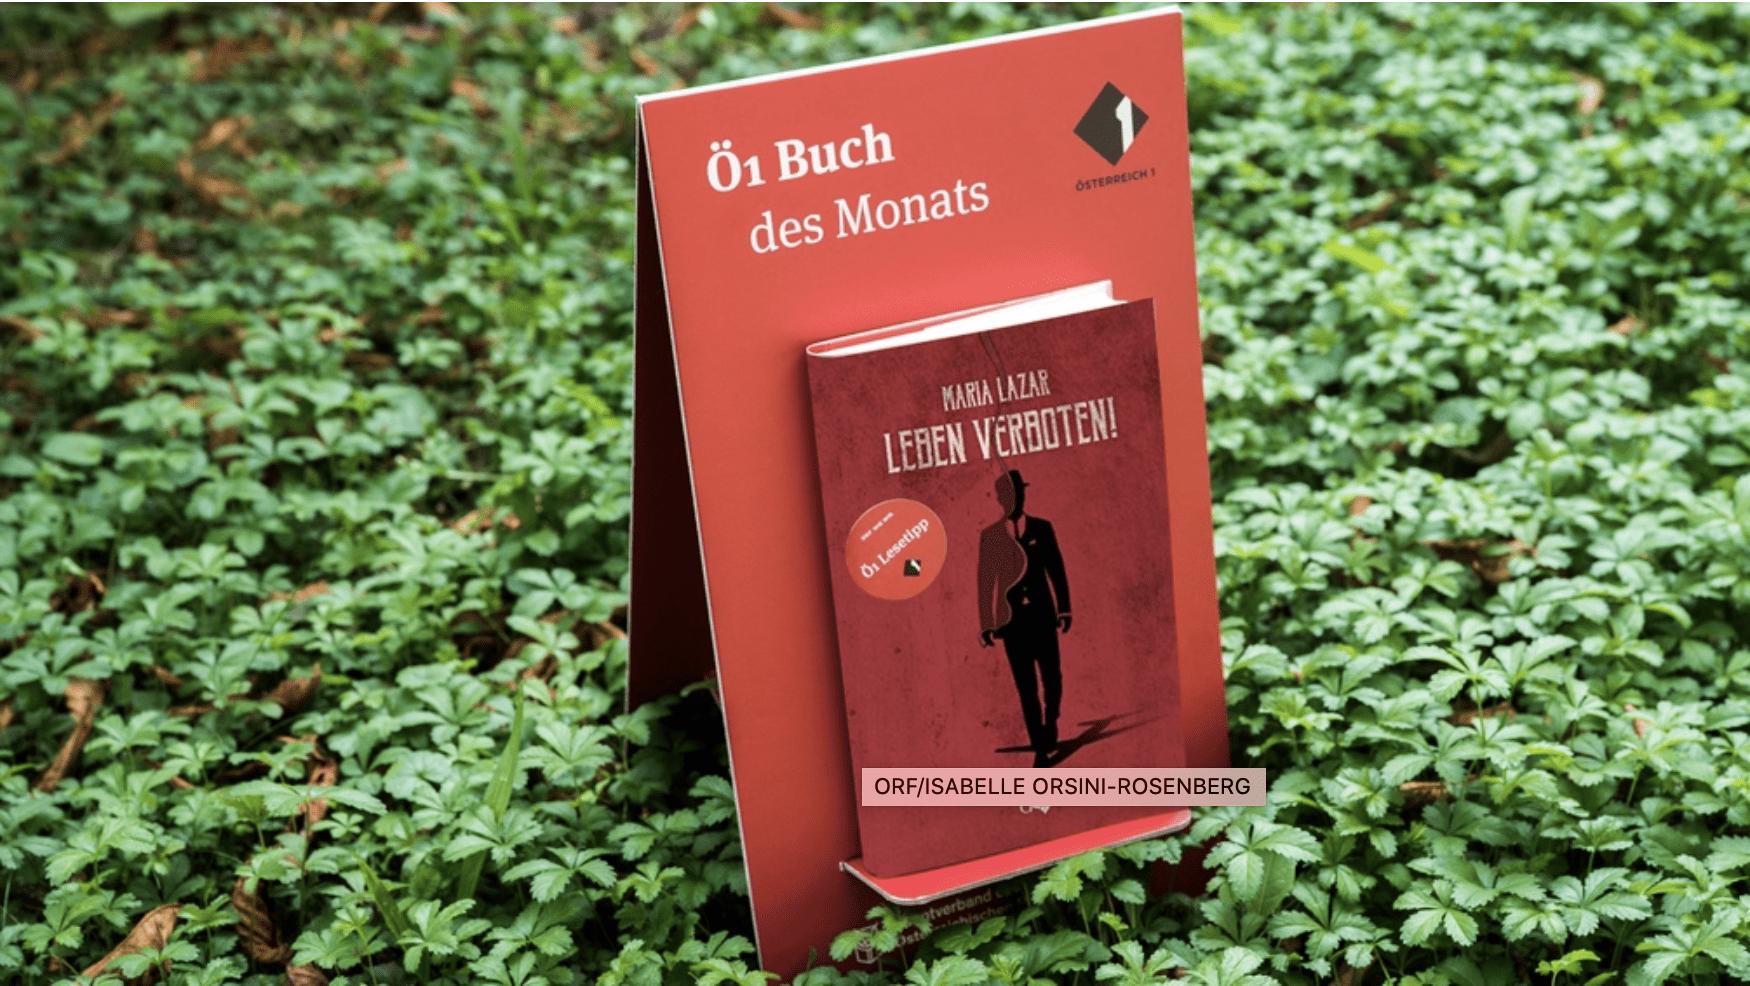 Ö1 Buch des Monats Juli – Leben verboten!